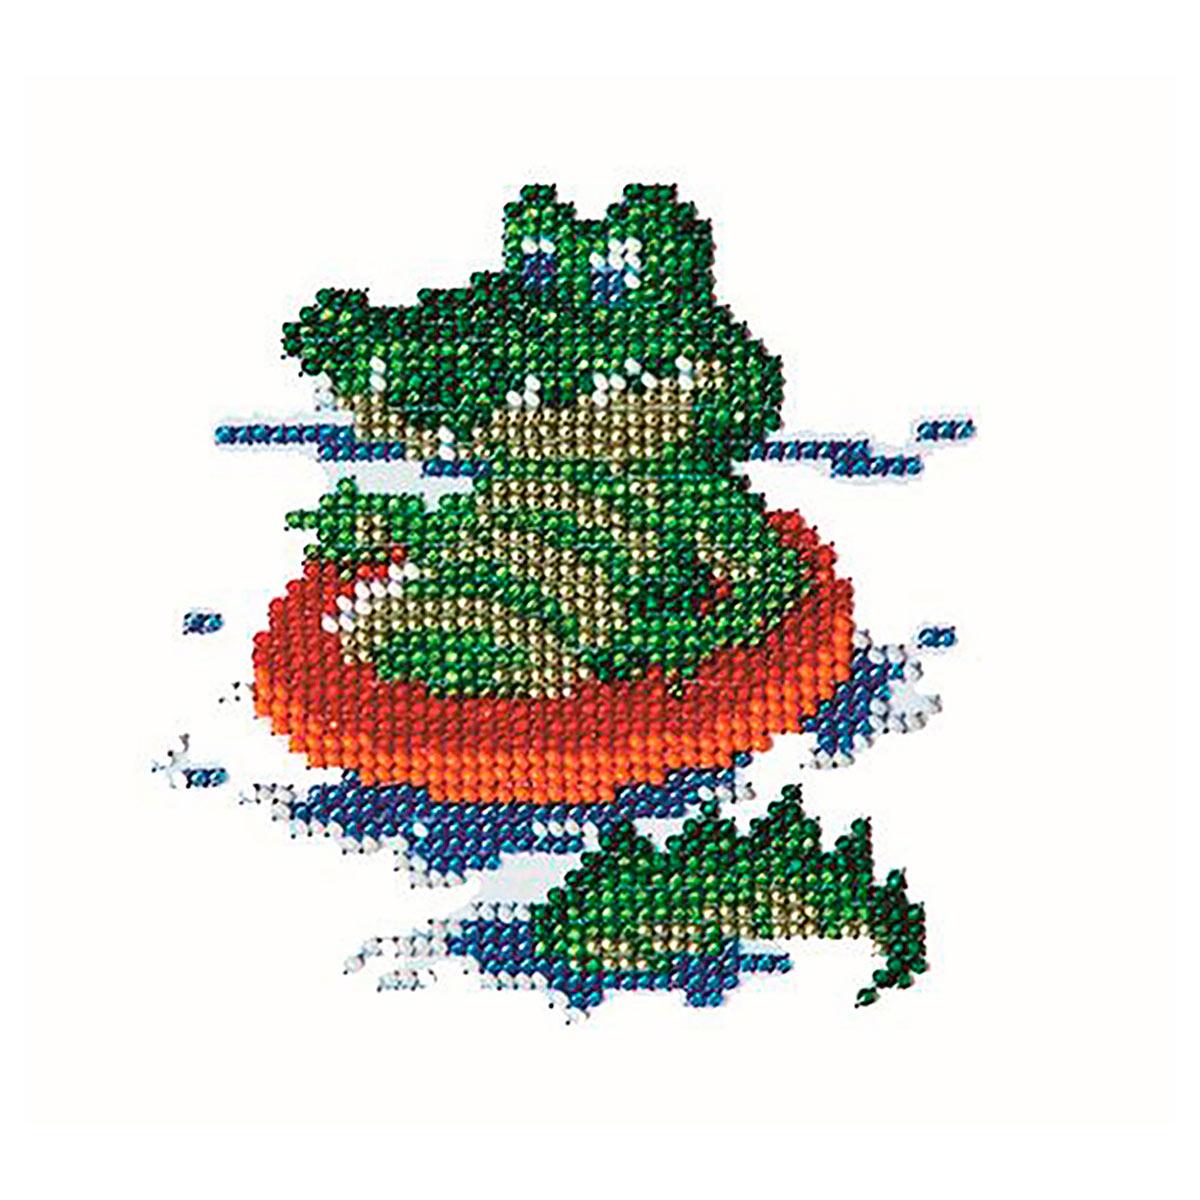 Б-0031 Набор для вышивания бисером 'Бисеринка' 'Крокодил', 11*11 см